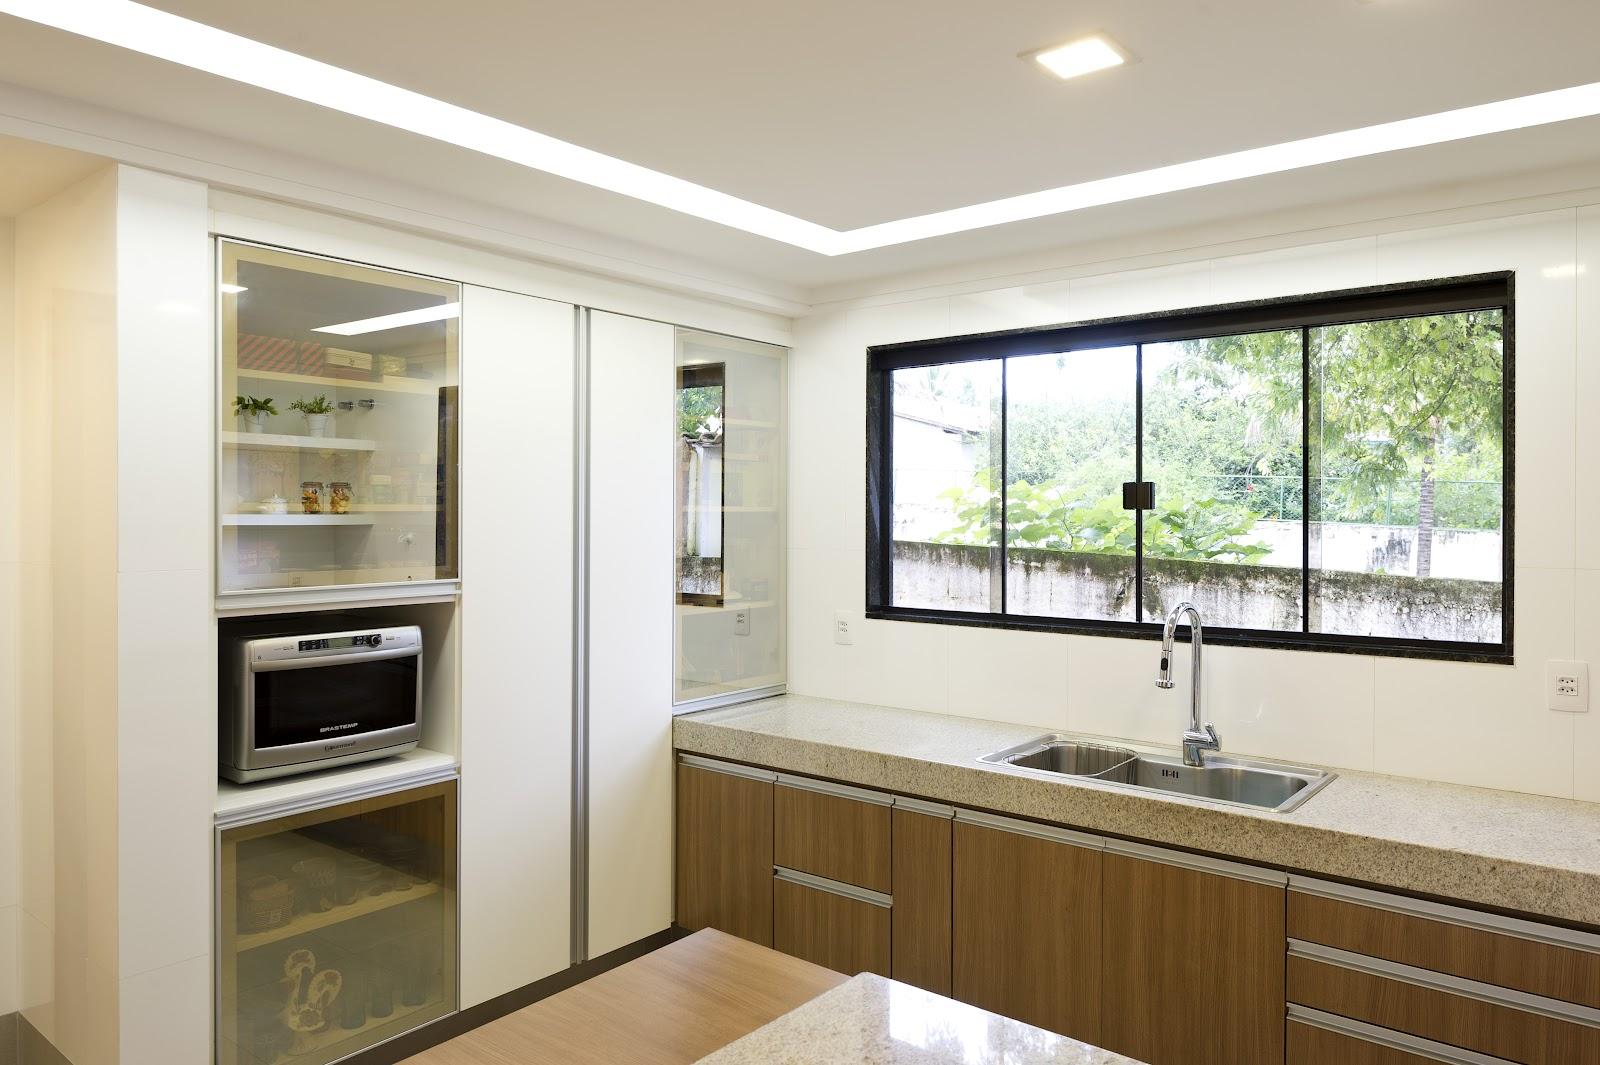 Studio 161 Arquitetura & Design: Projeto Cozinha Sr. Yuki Mukai #614724 1600 1065